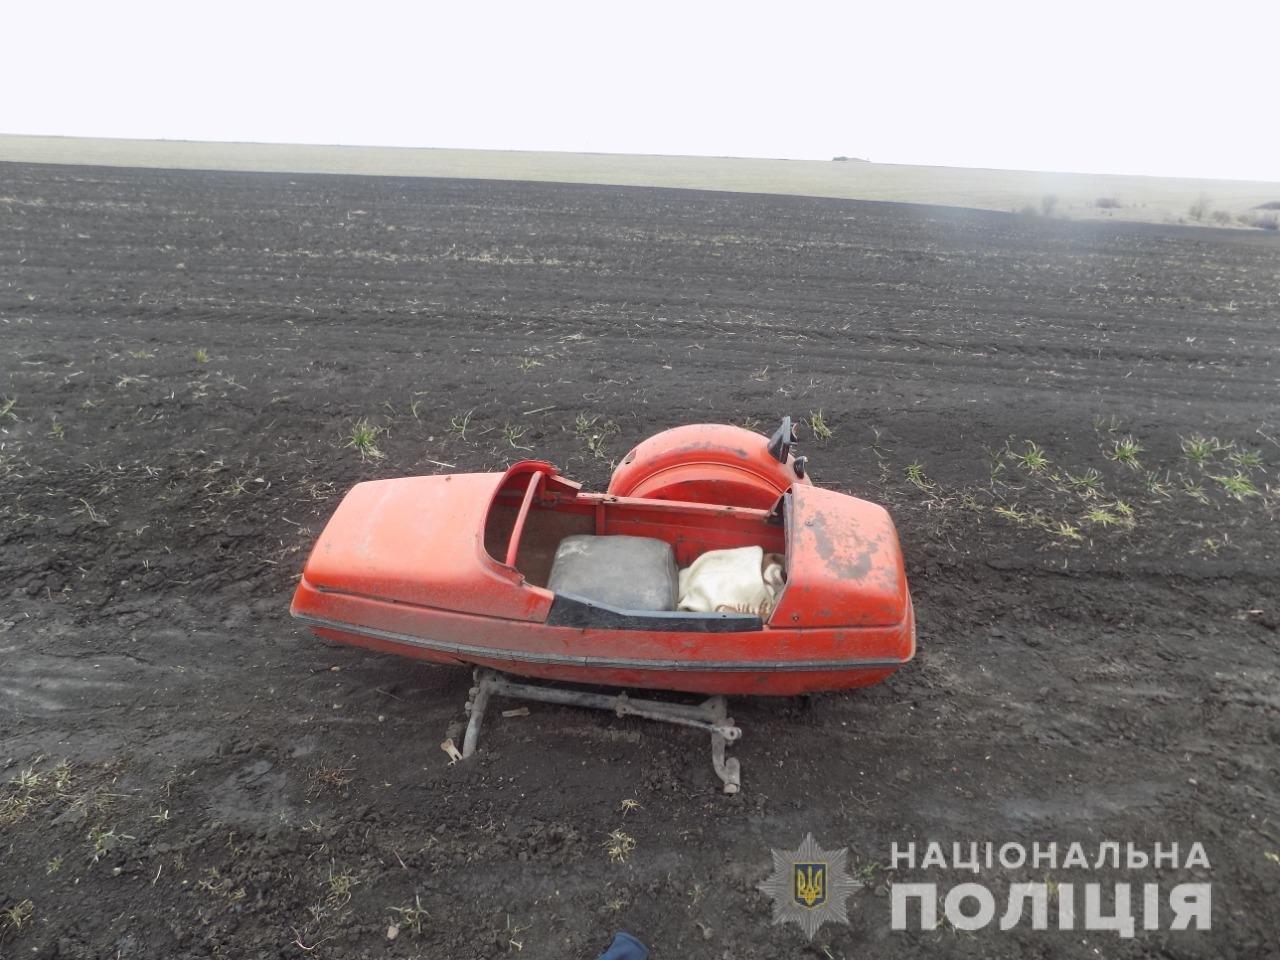 В Одесской области подростку грозит до 8 лет тюрьмы из-за кражи мотоцикла, - ФОТО, фото-3